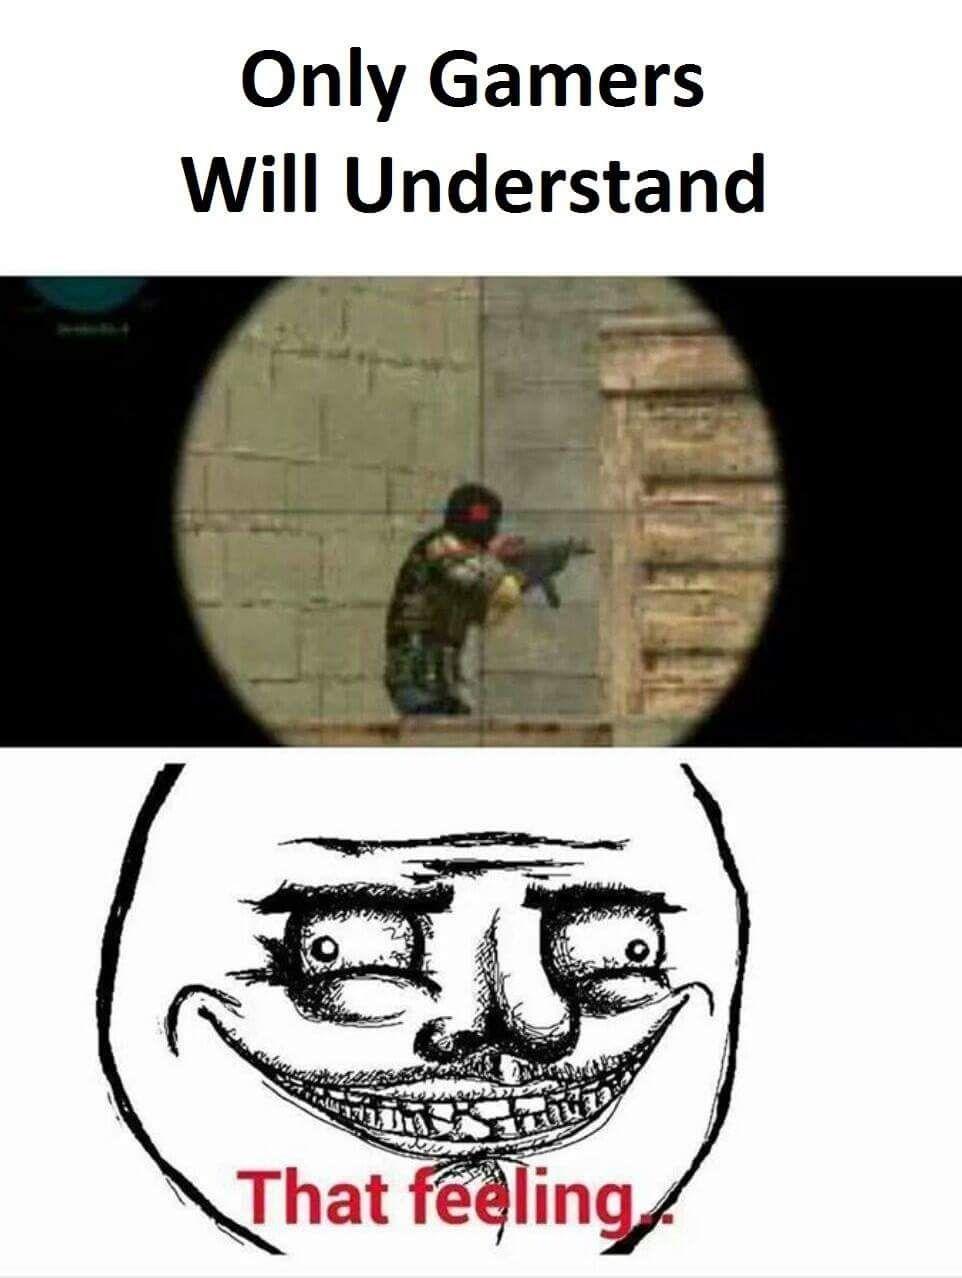 Epic gamer moment